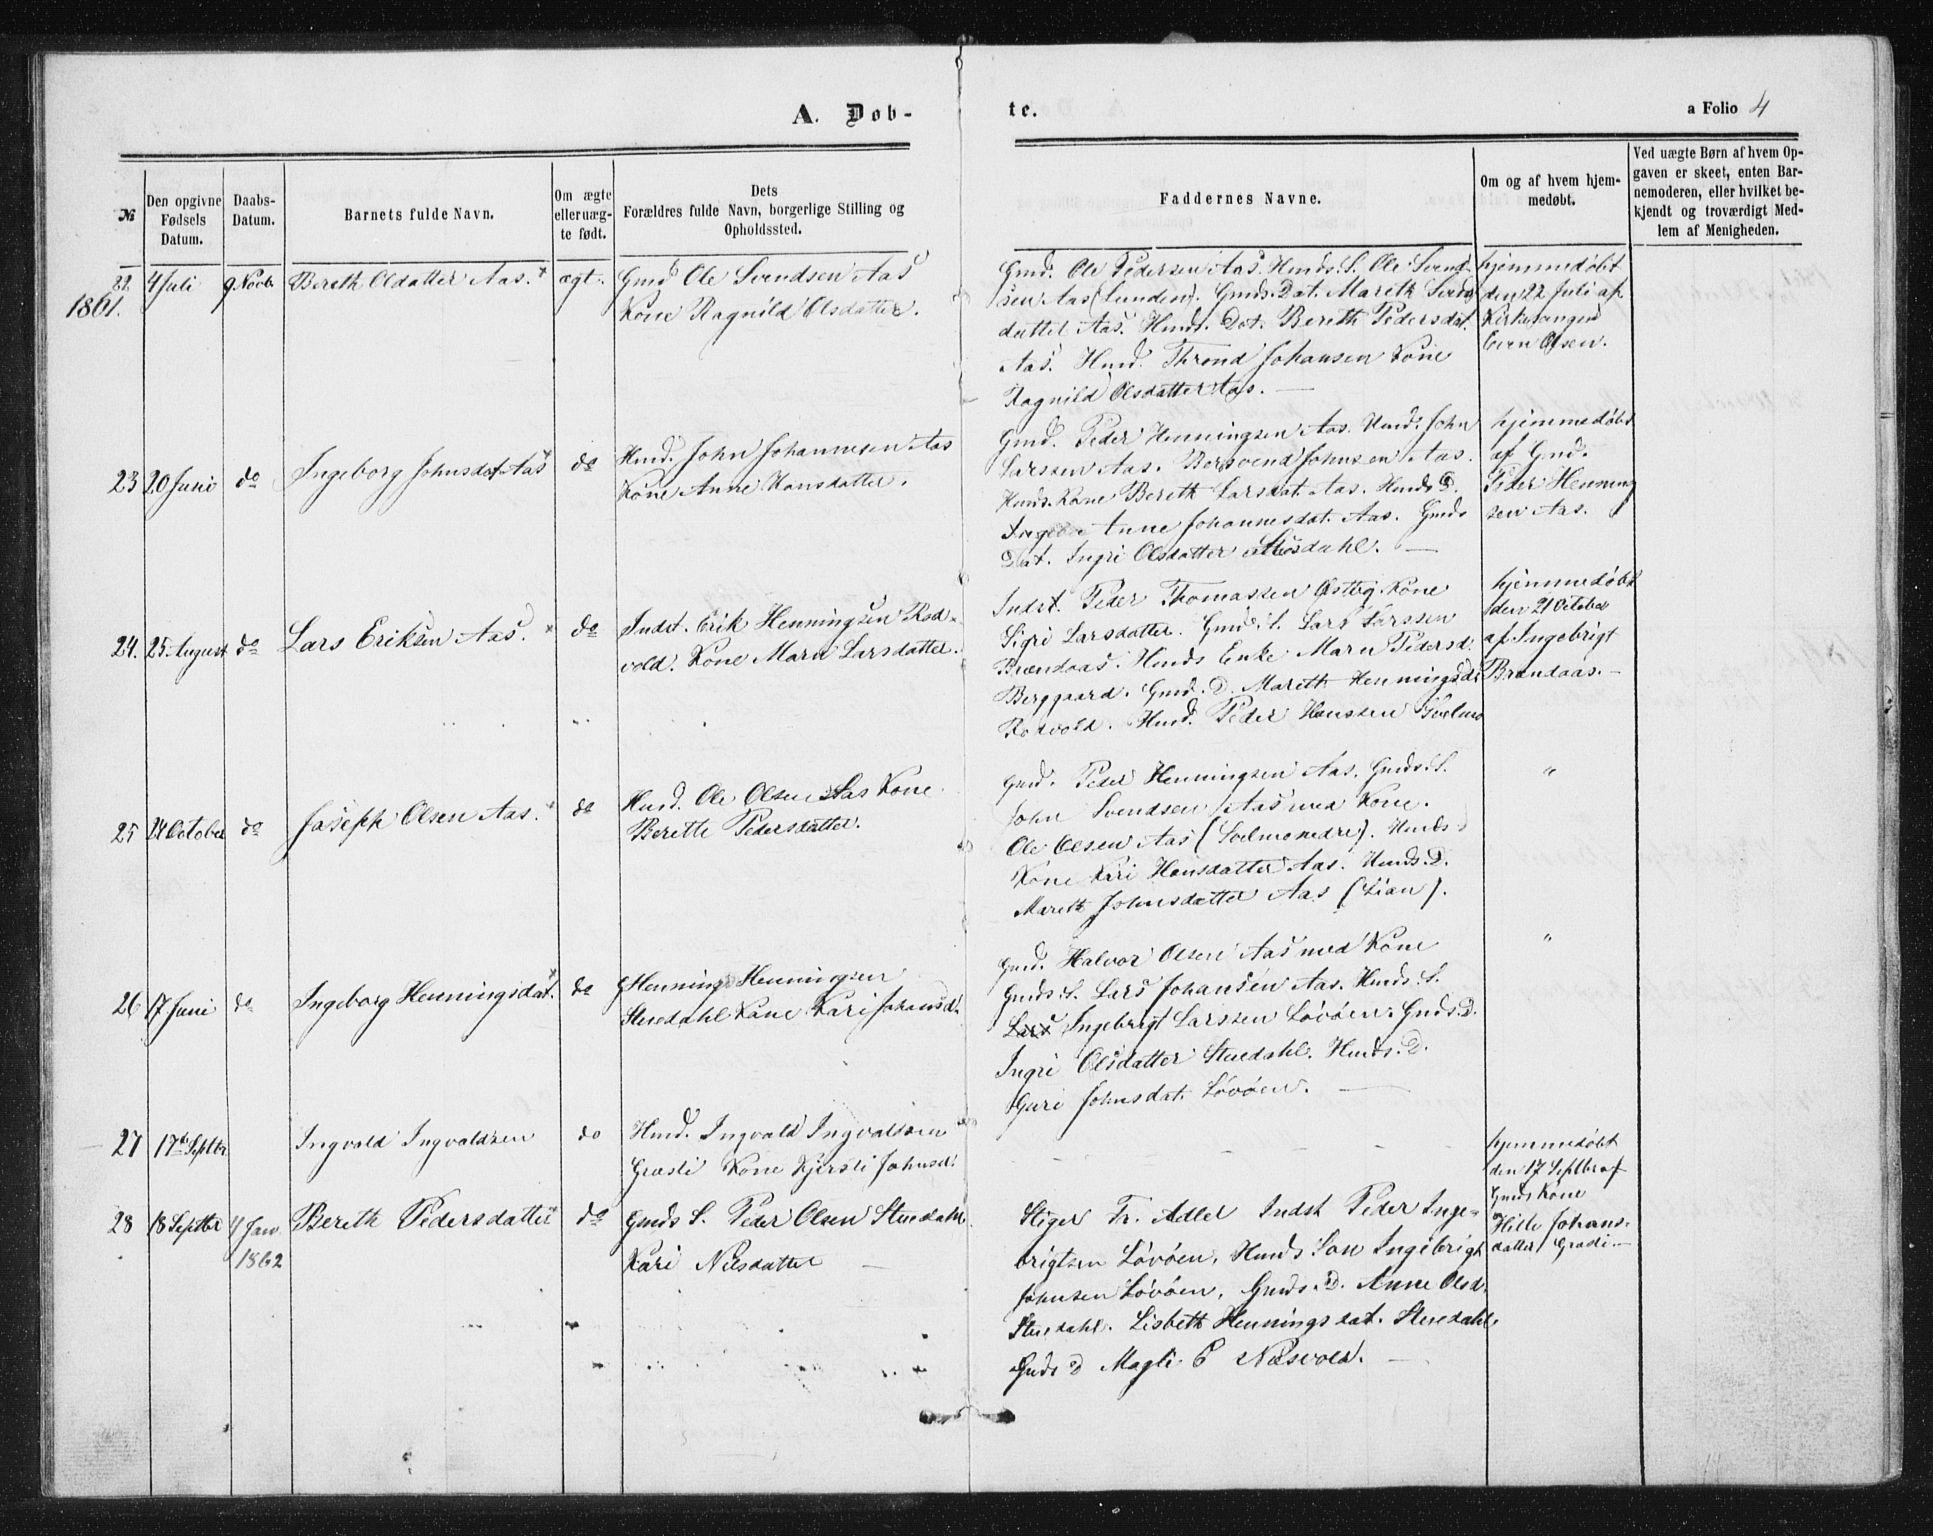 SAT, Ministerialprotokoller, klokkerbøker og fødselsregistre - Sør-Trøndelag, 698/L1166: Klokkerbok nr. 698C03, 1861-1887, s. 4